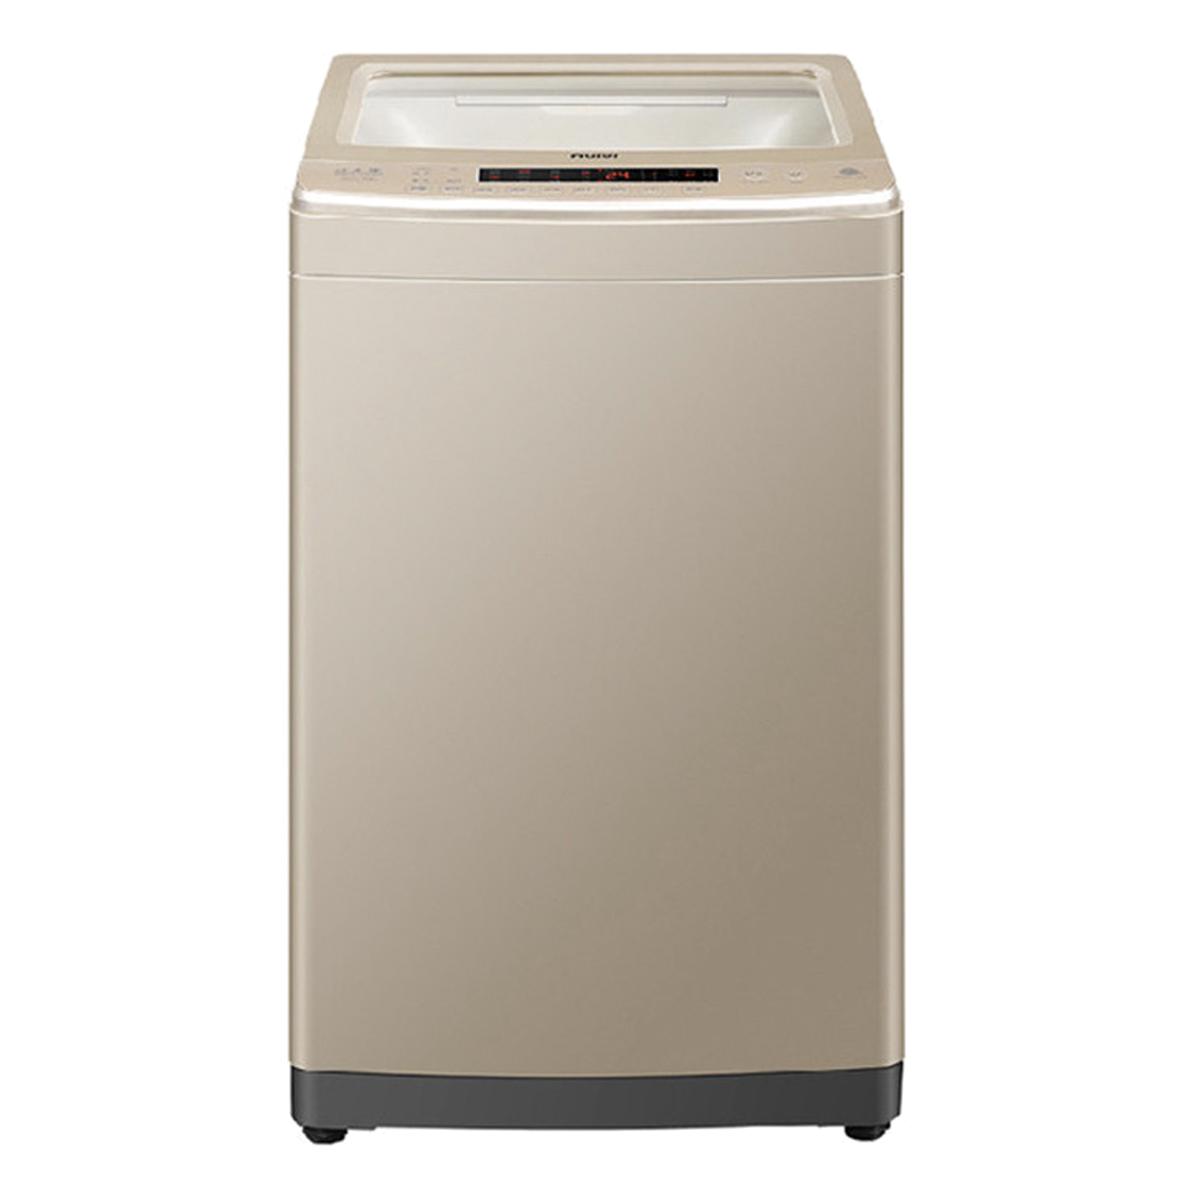 海尔Haier洗衣机 XQB75-F15288S 说明书